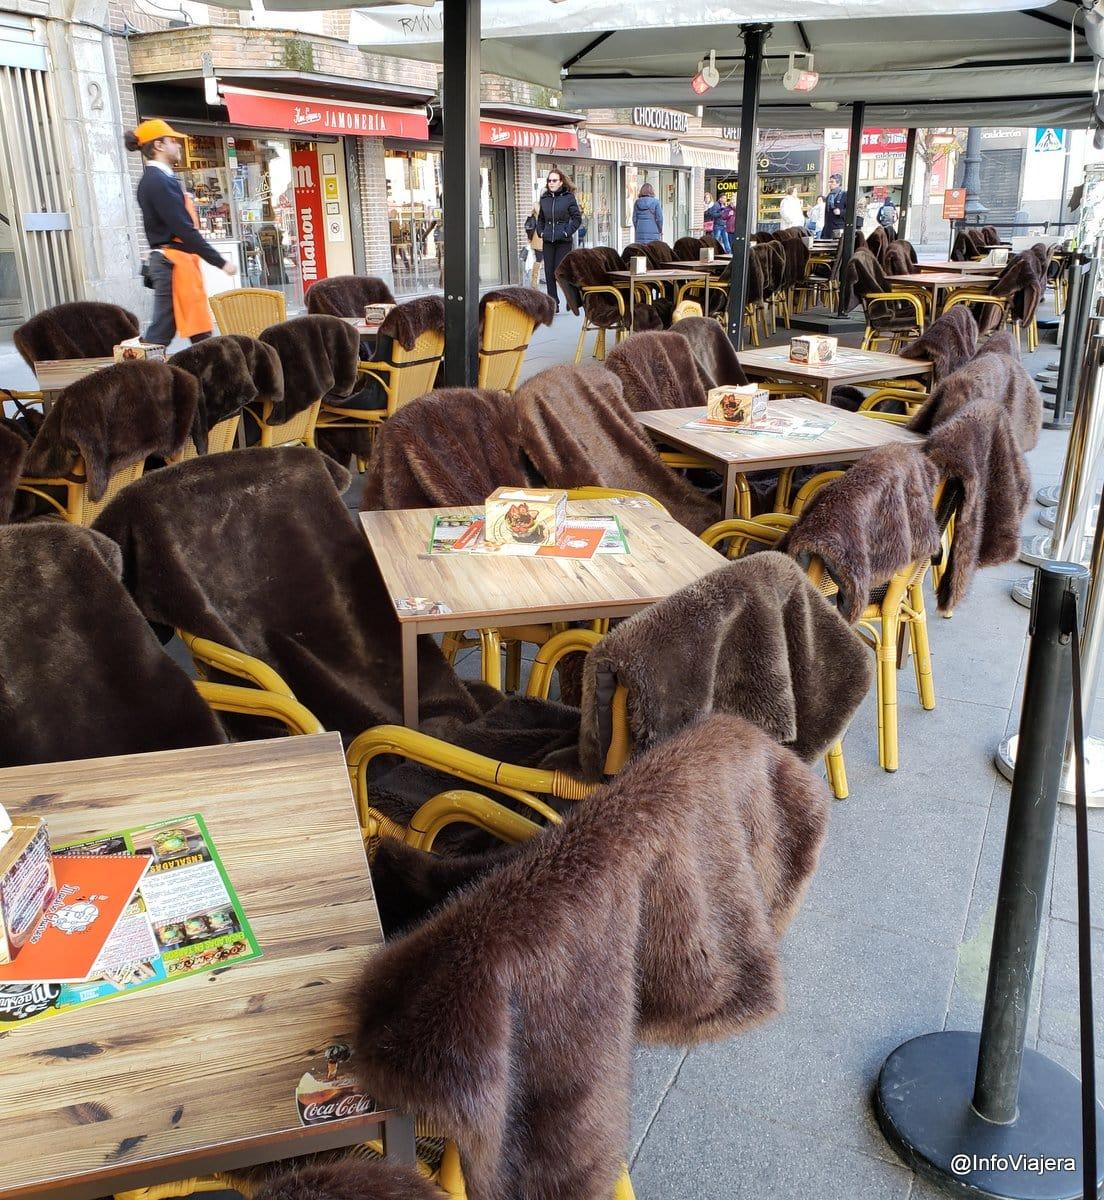 España - Madrid - Mantas en mesas exteriores terrazas bares